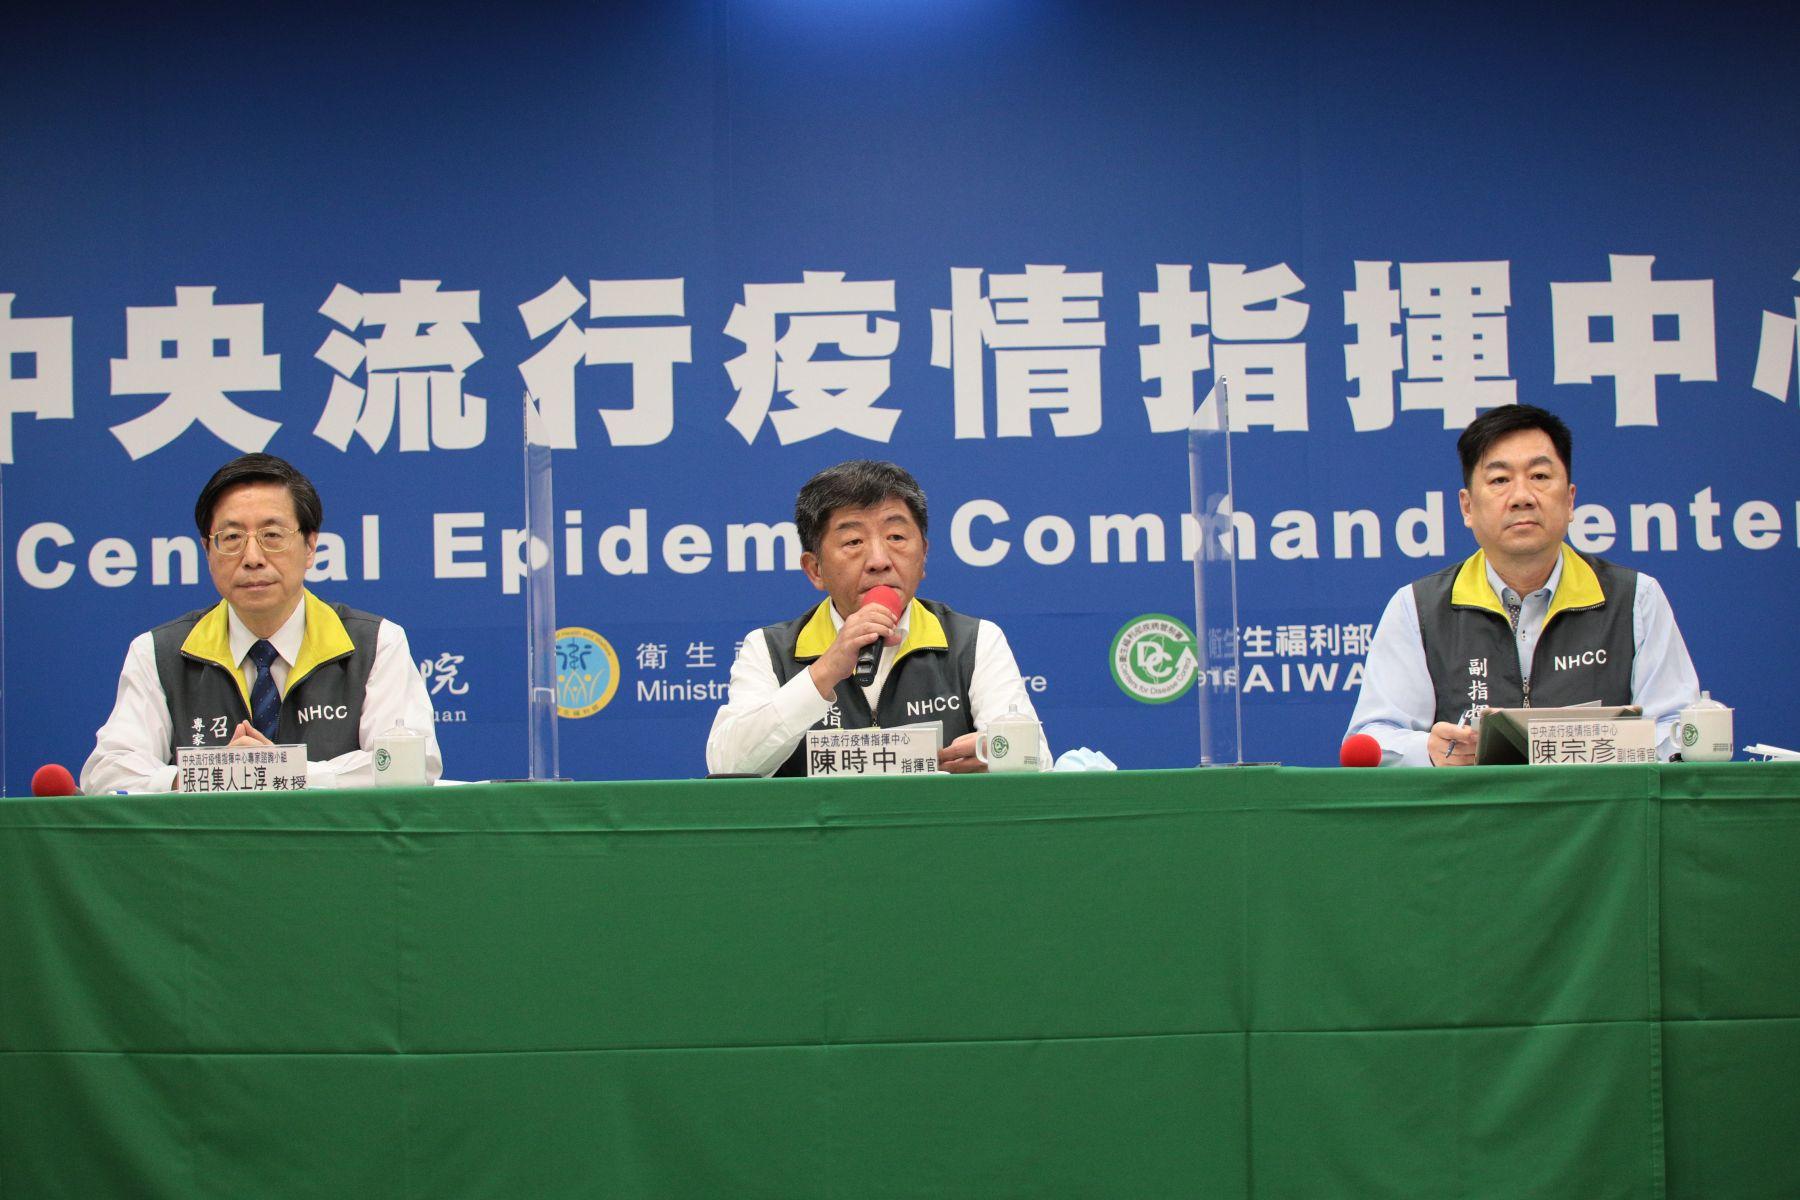 台灣連續13天無新增病例 累計402人解除隔離